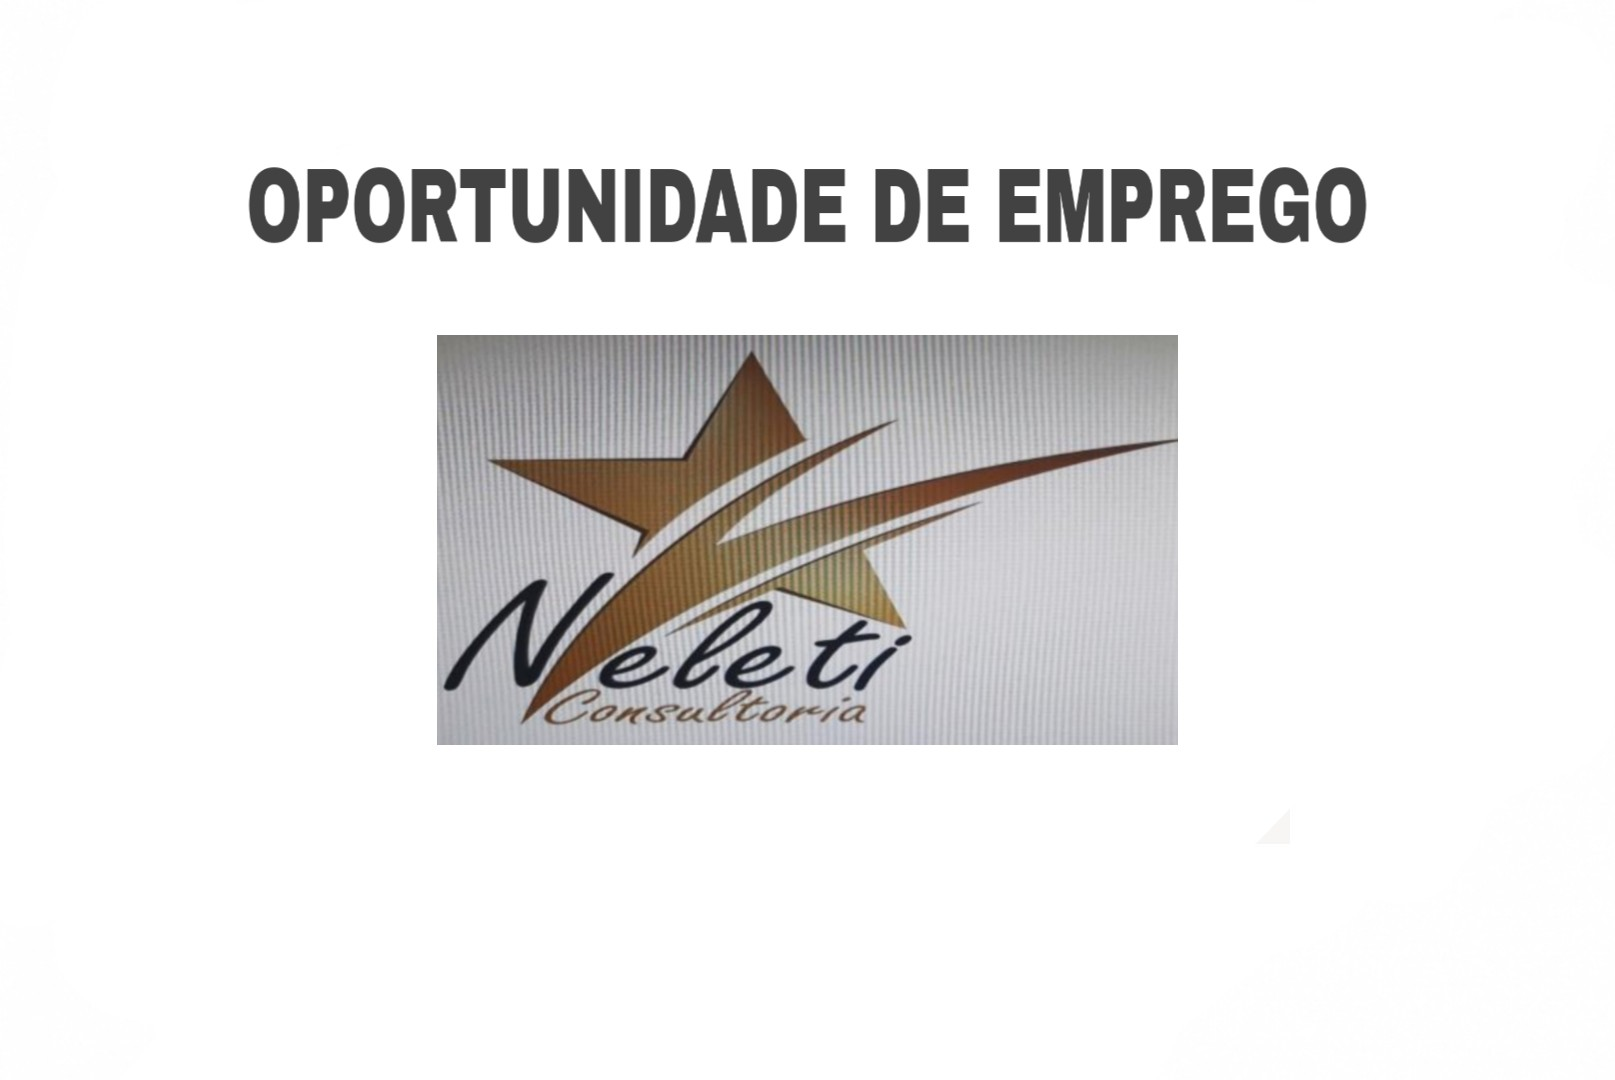 A Nyeleti Consultoria E.I é uma empresa vocacionada em prestação de serviços de consultoria  nas áreas de negócios e empreendedorismo